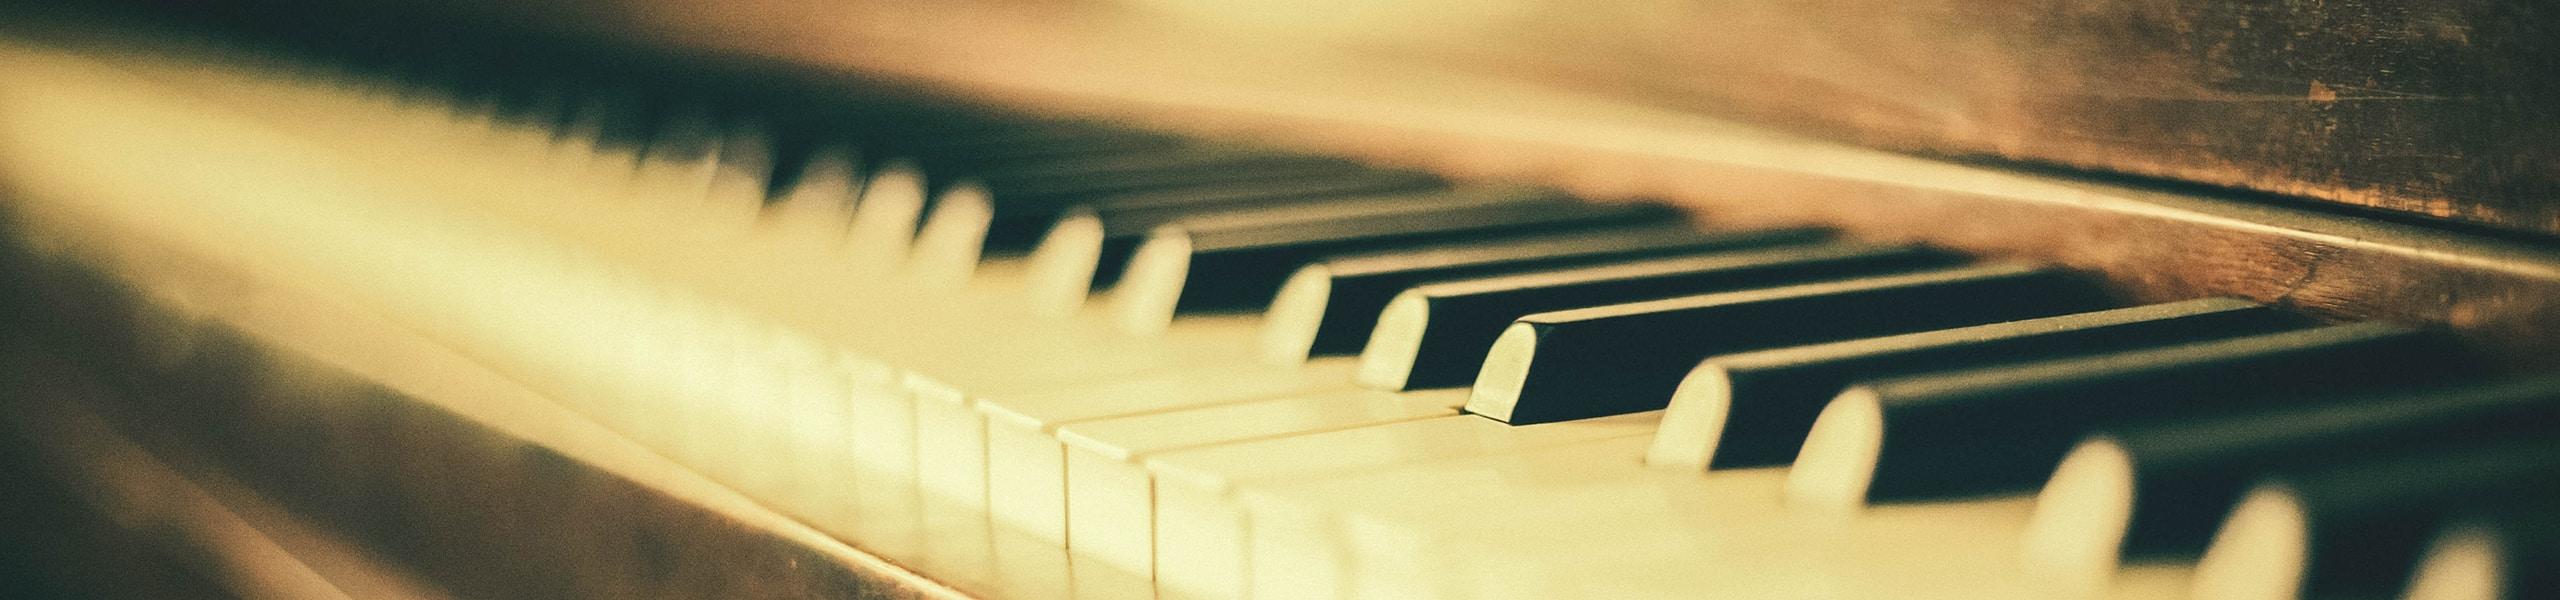 Tastatur eines Klaviers